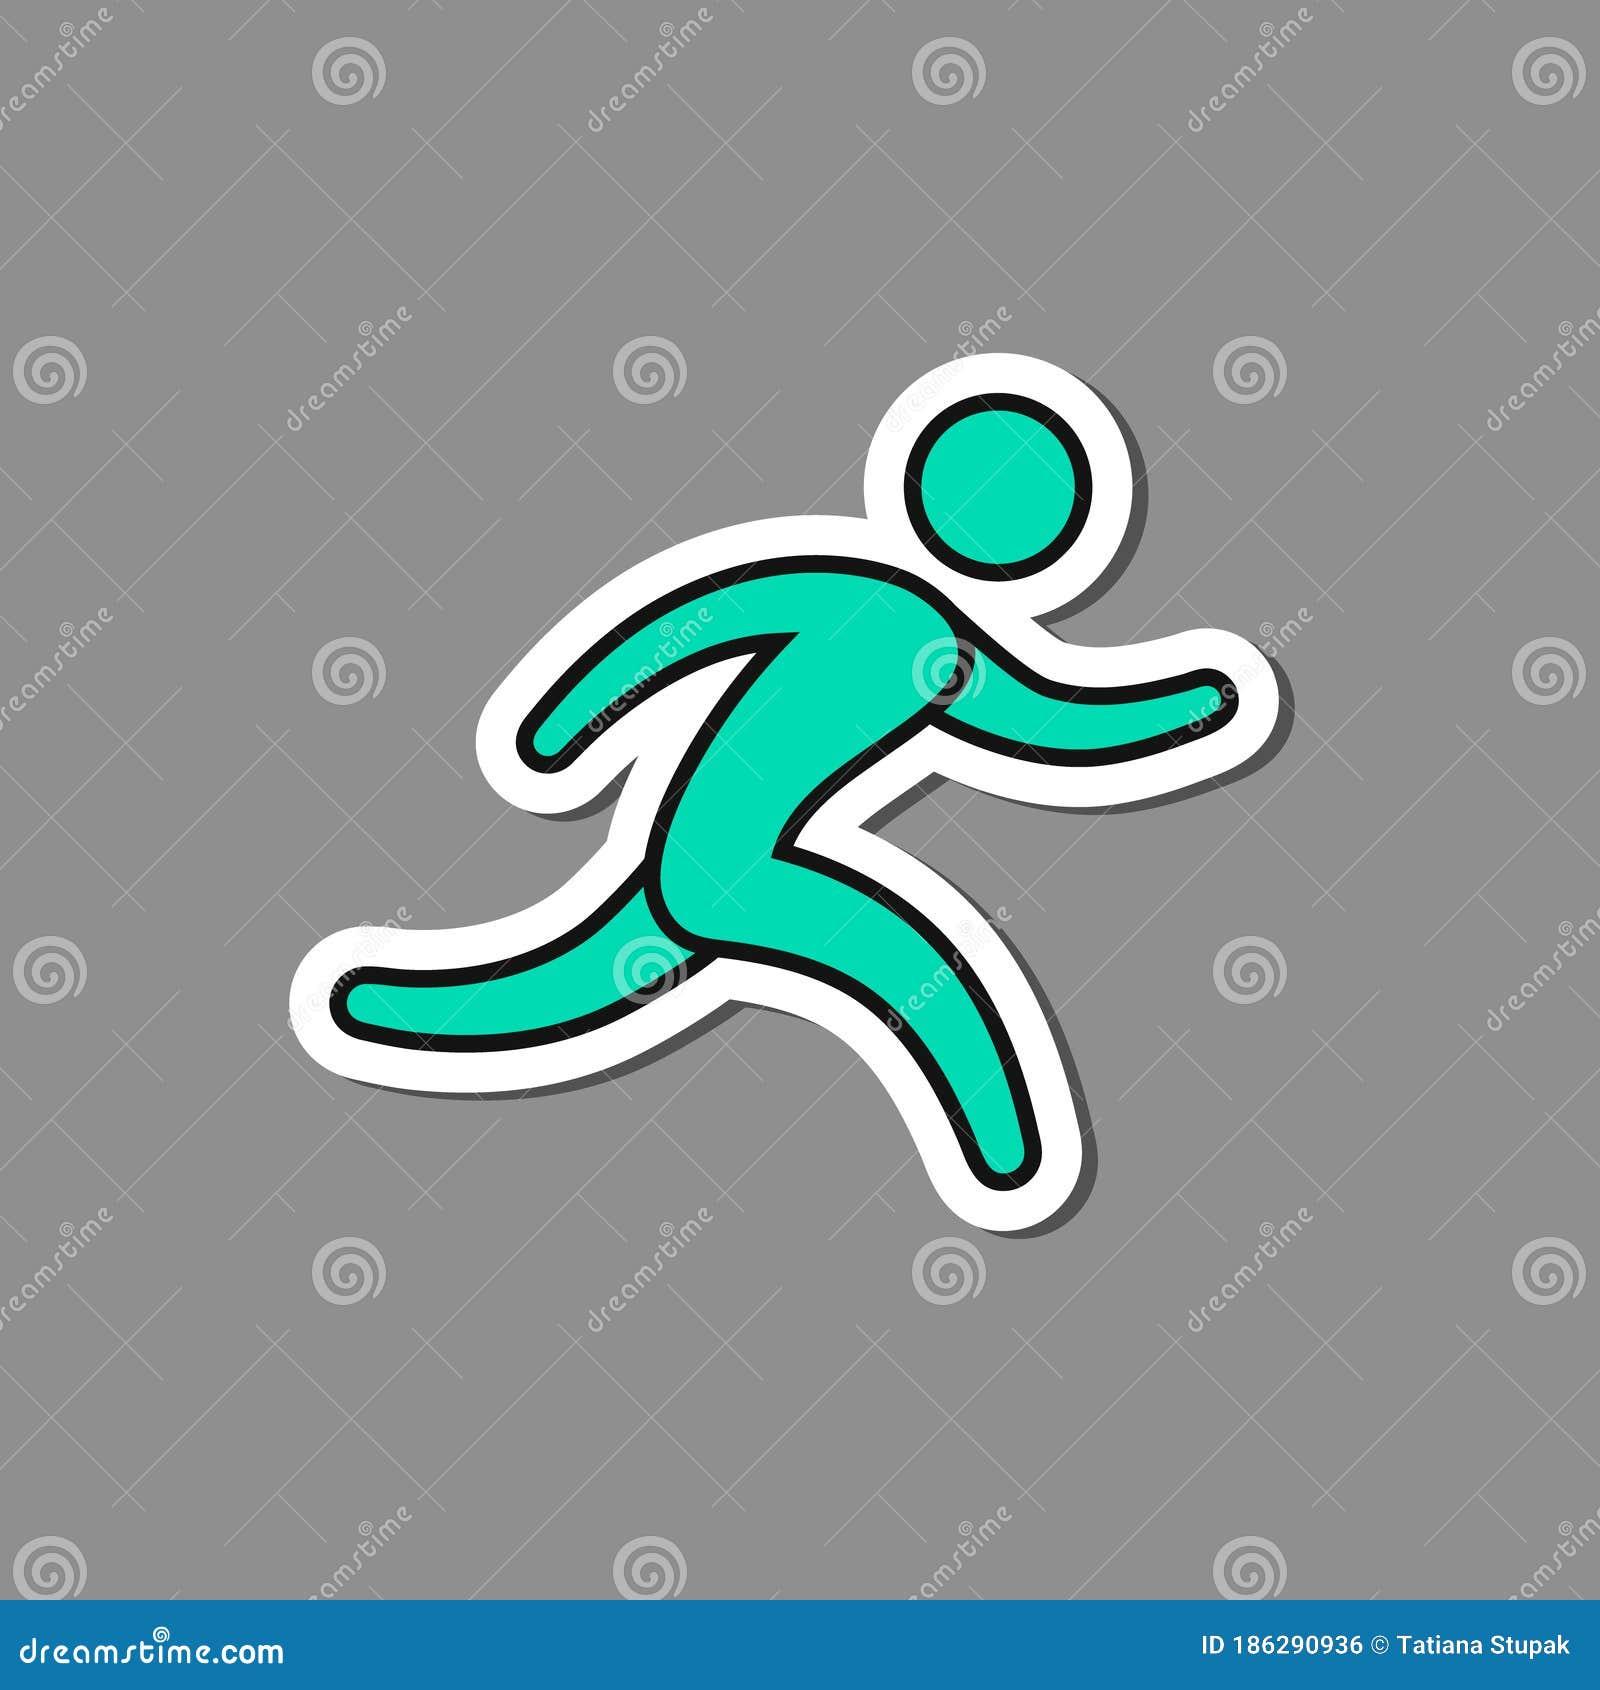 Running Man Paper Sticker, Vector Label, Run Symbol Stock ...